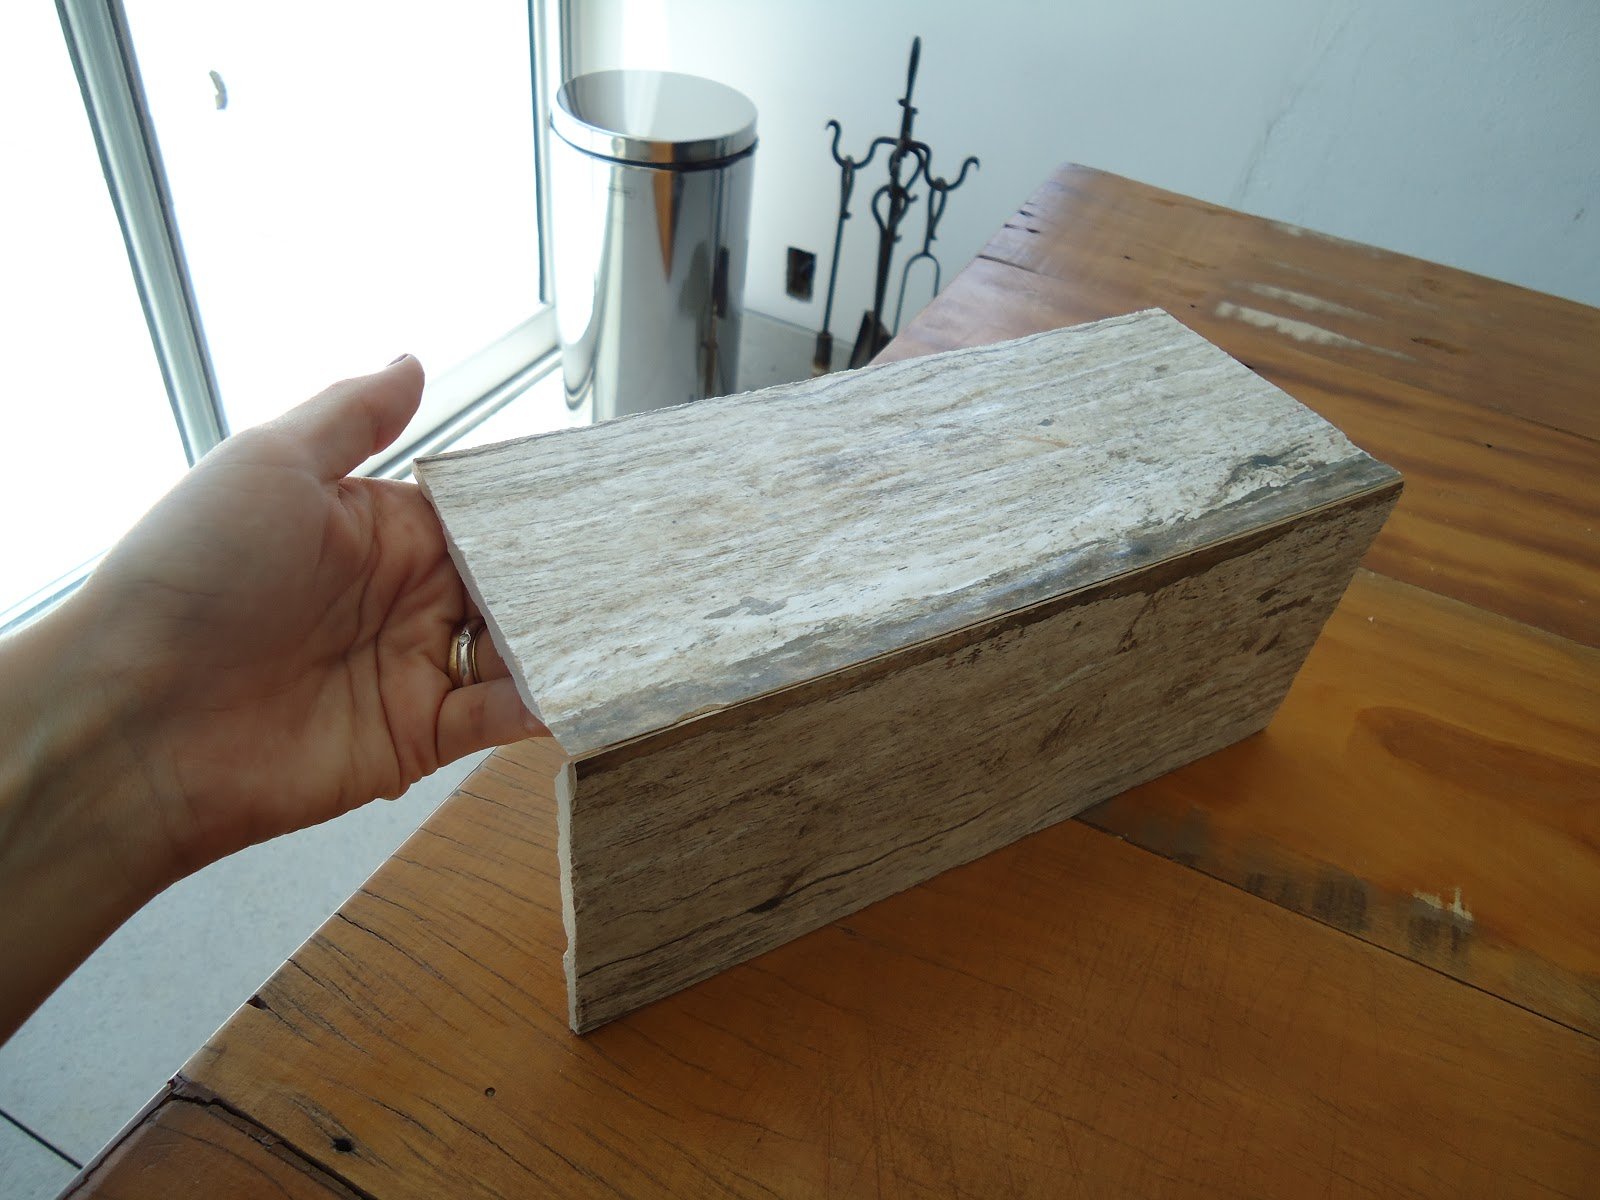 Como se começa uma FAMÍLIA: Montagem da bancada de porcelanato #644020 1600x1200